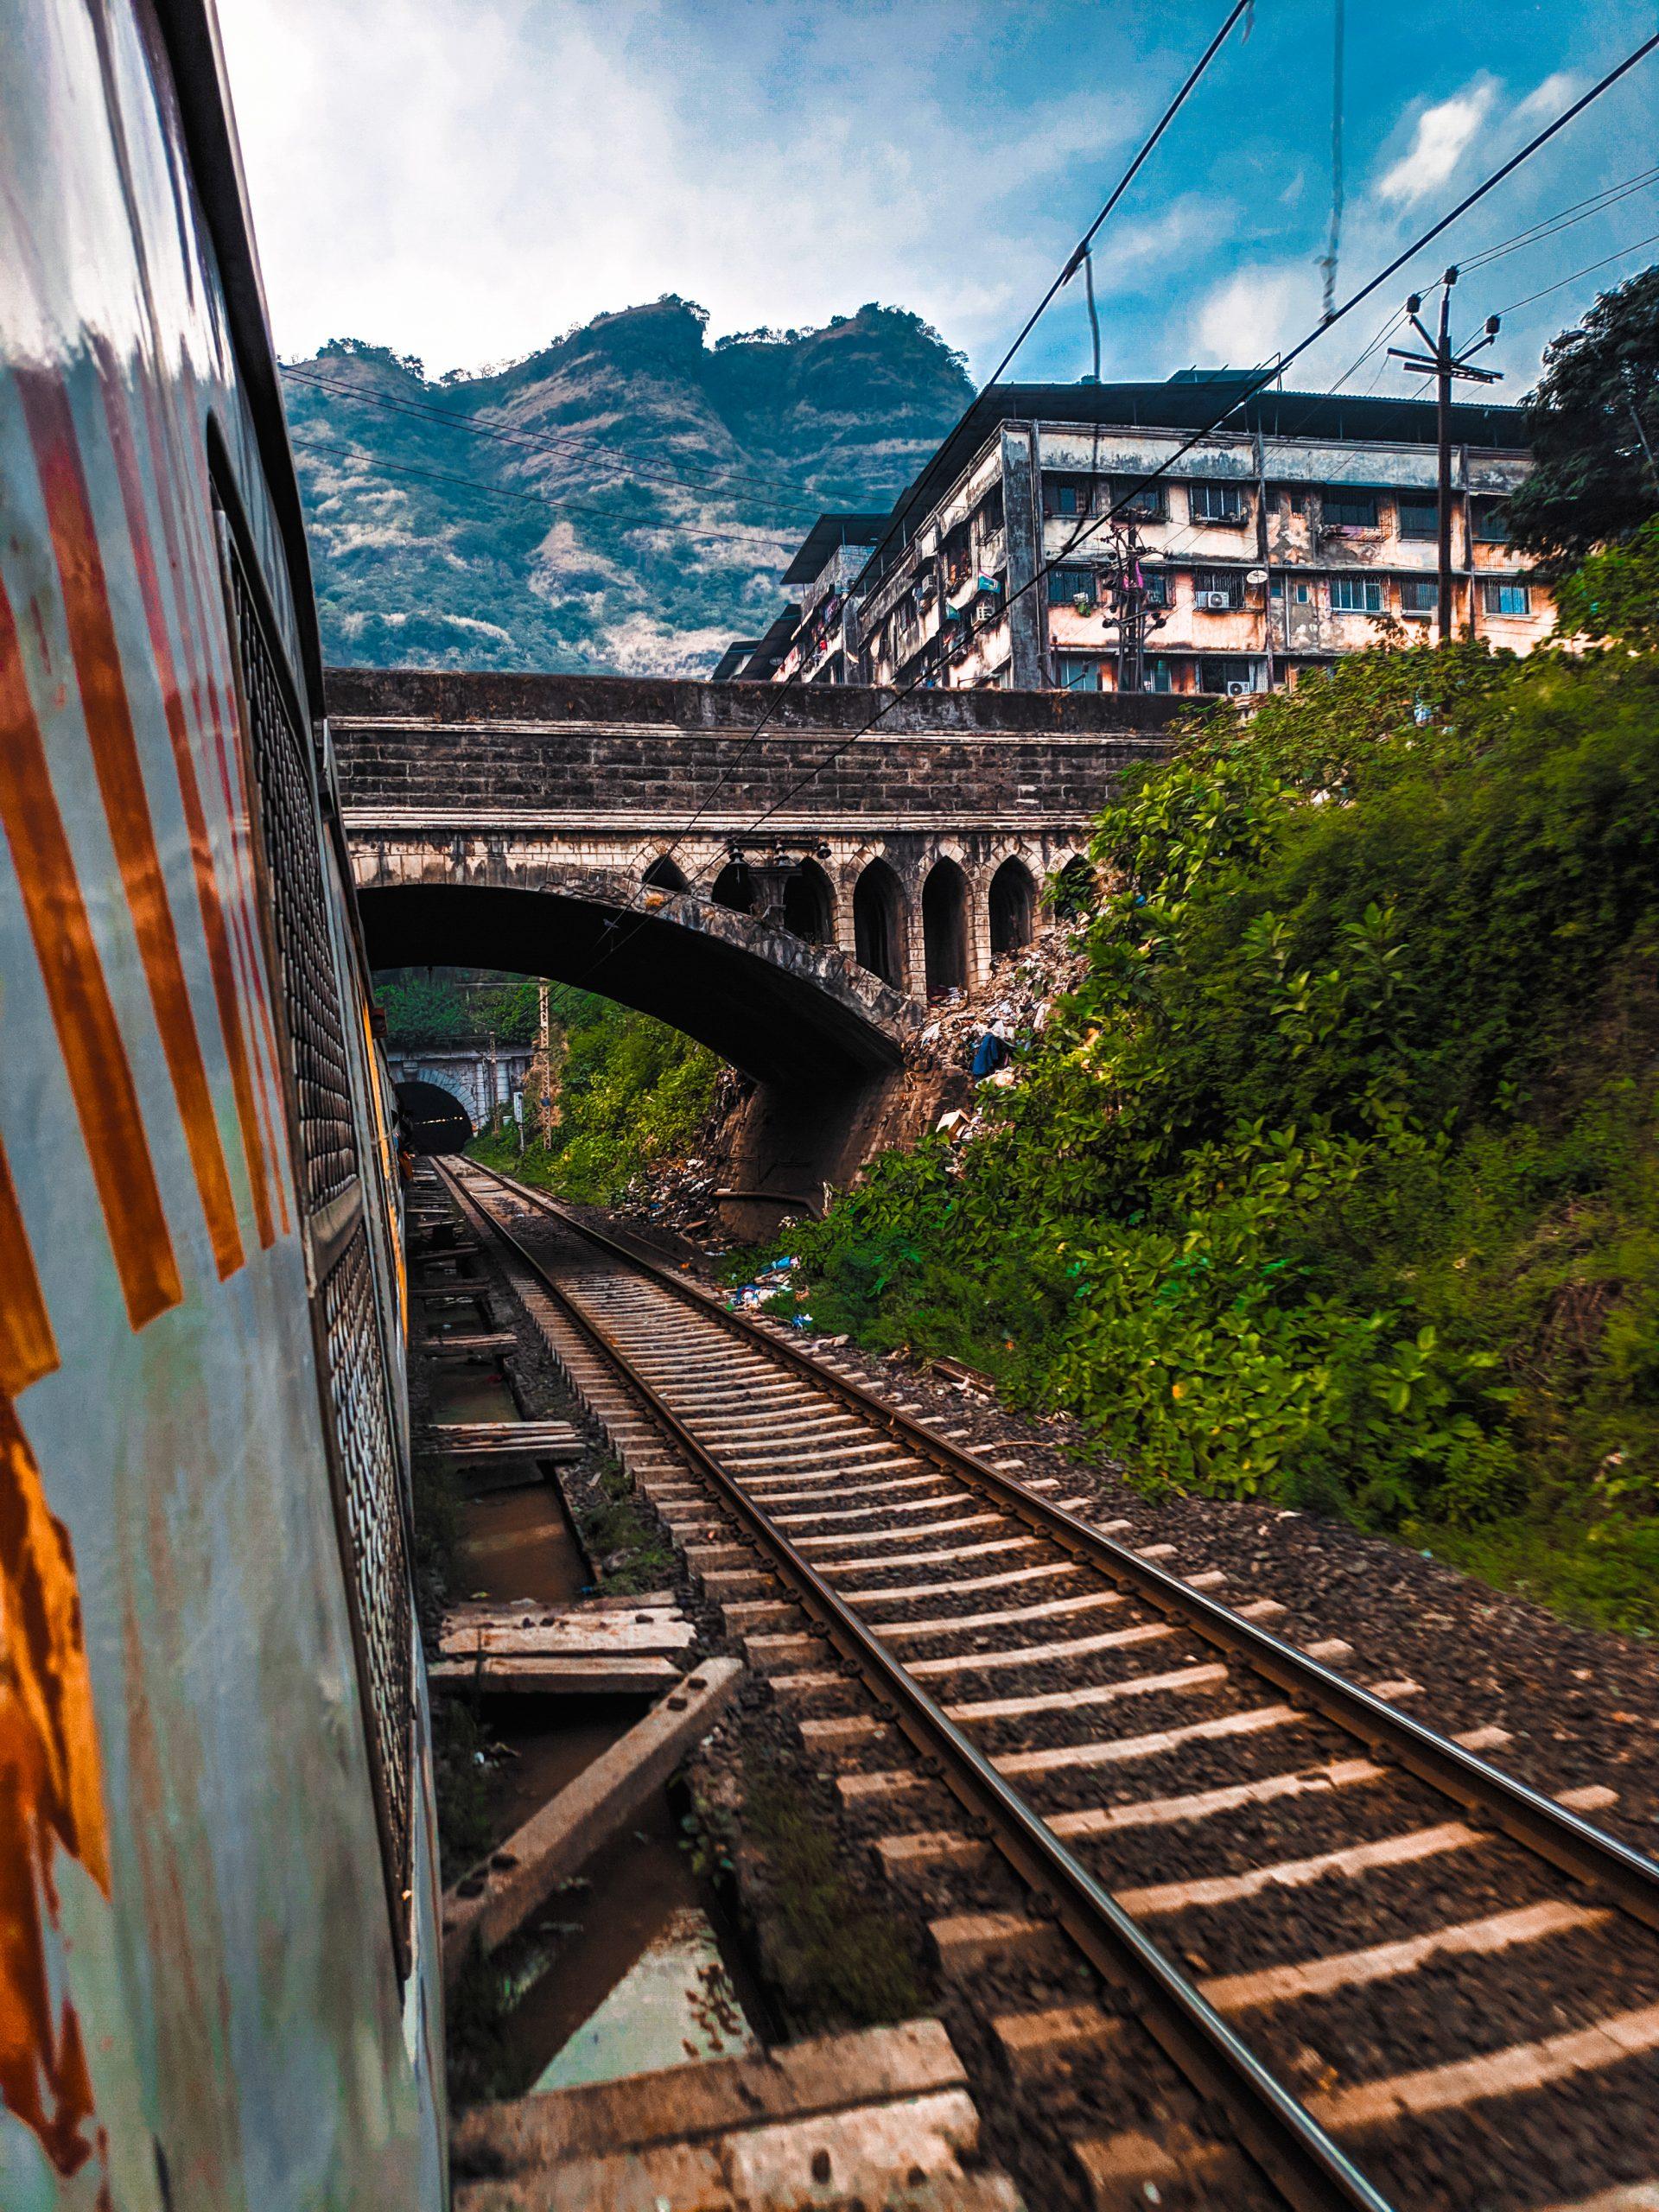 Beauty through Central Railway